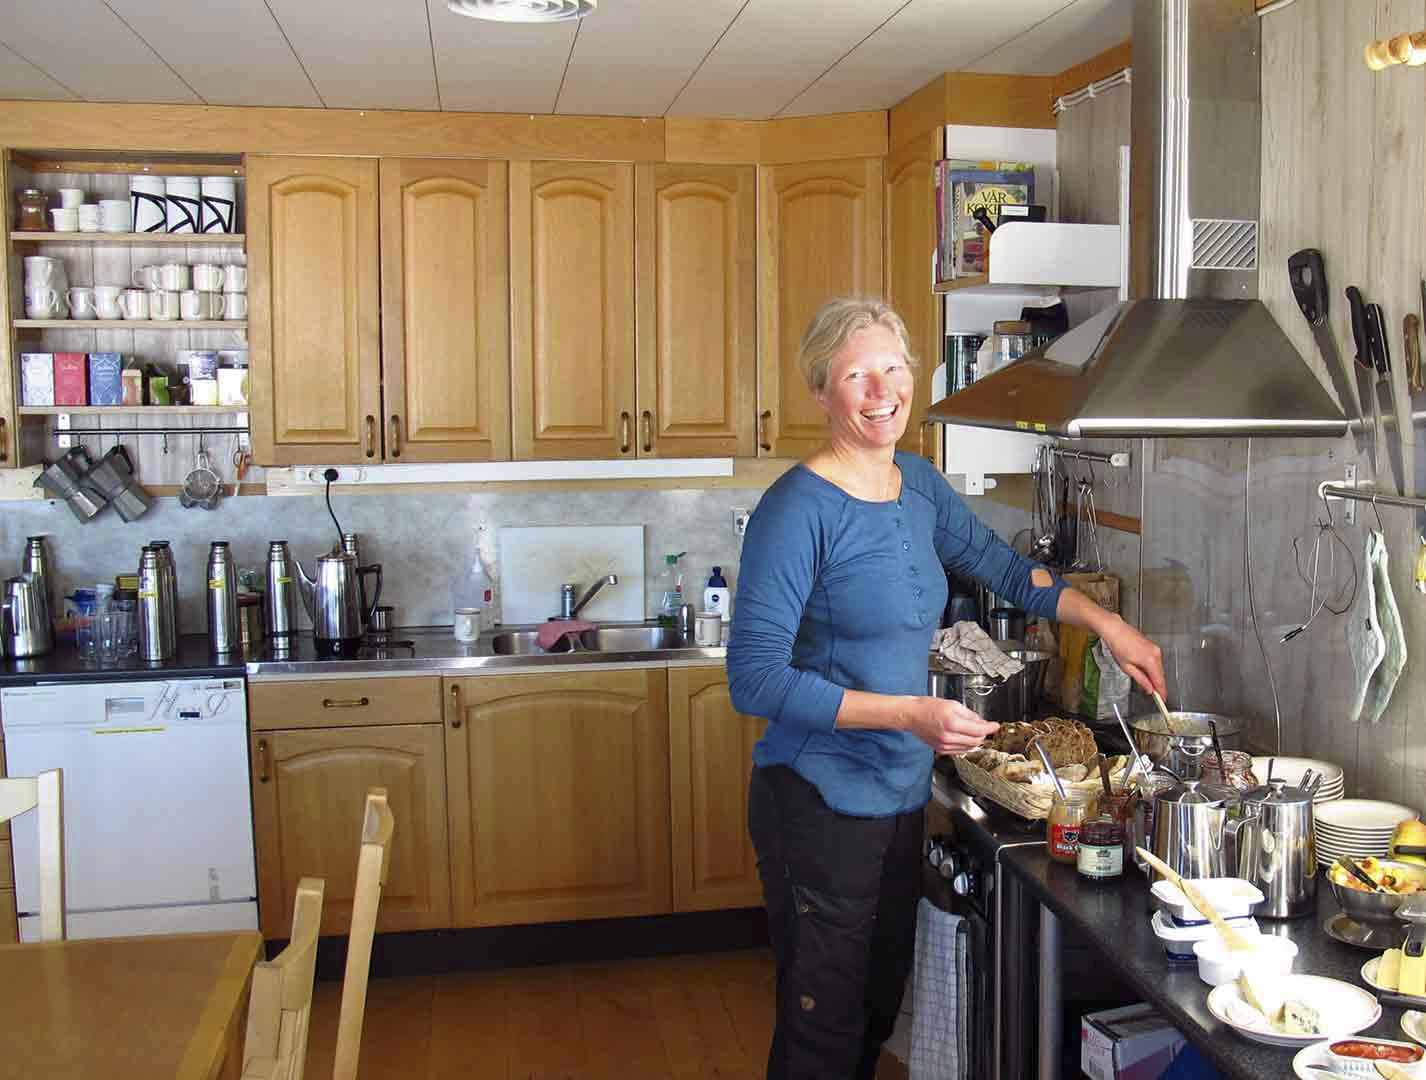 Karin står i köket och lagar mat.